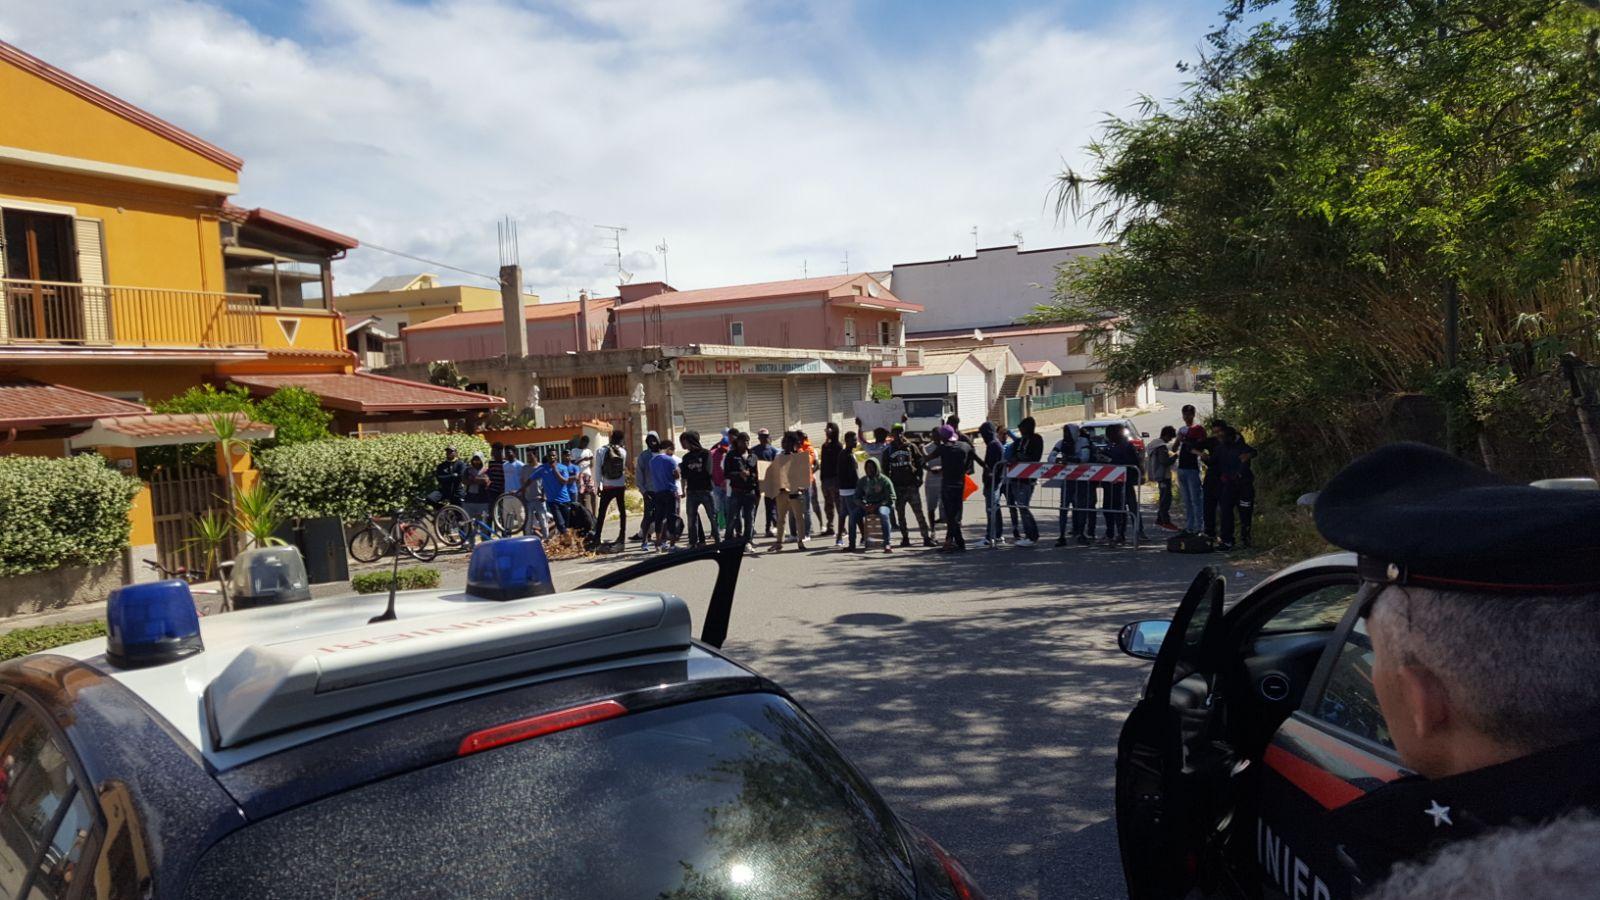 Immigrati minorenni protestano e bloccano stradaChiedono pagamenti rimborsi giornalieri, disagi a Vibo